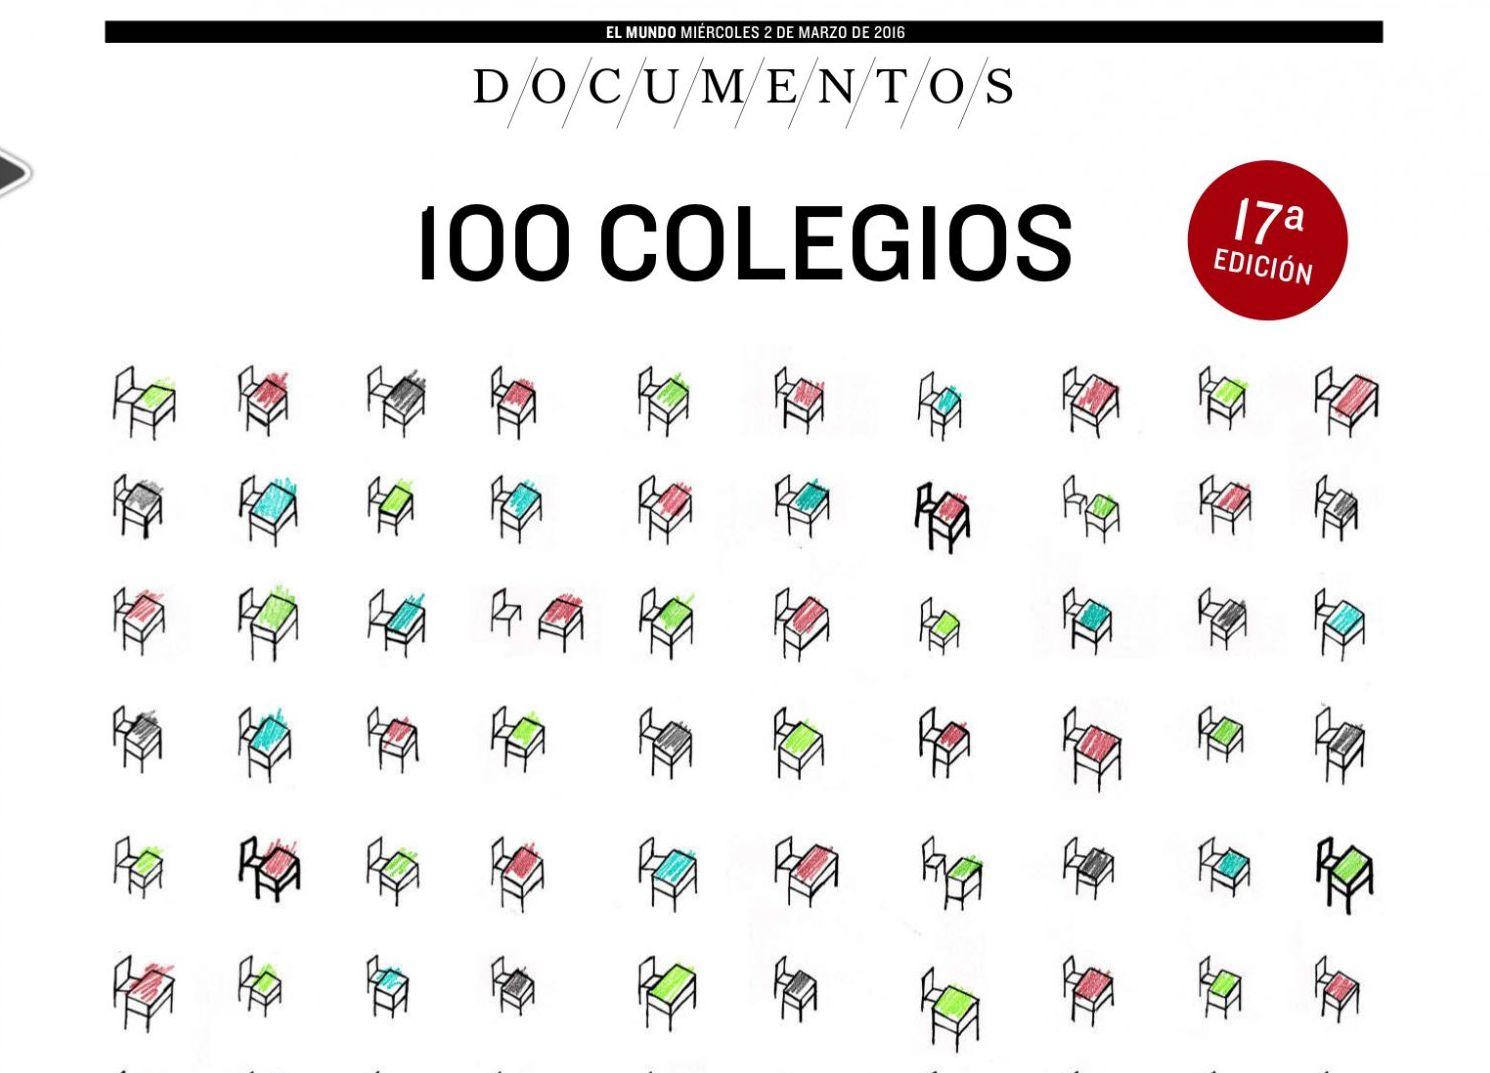 Los Mejores Colegios de España y de Las Palmas según el diario ELMUNDO